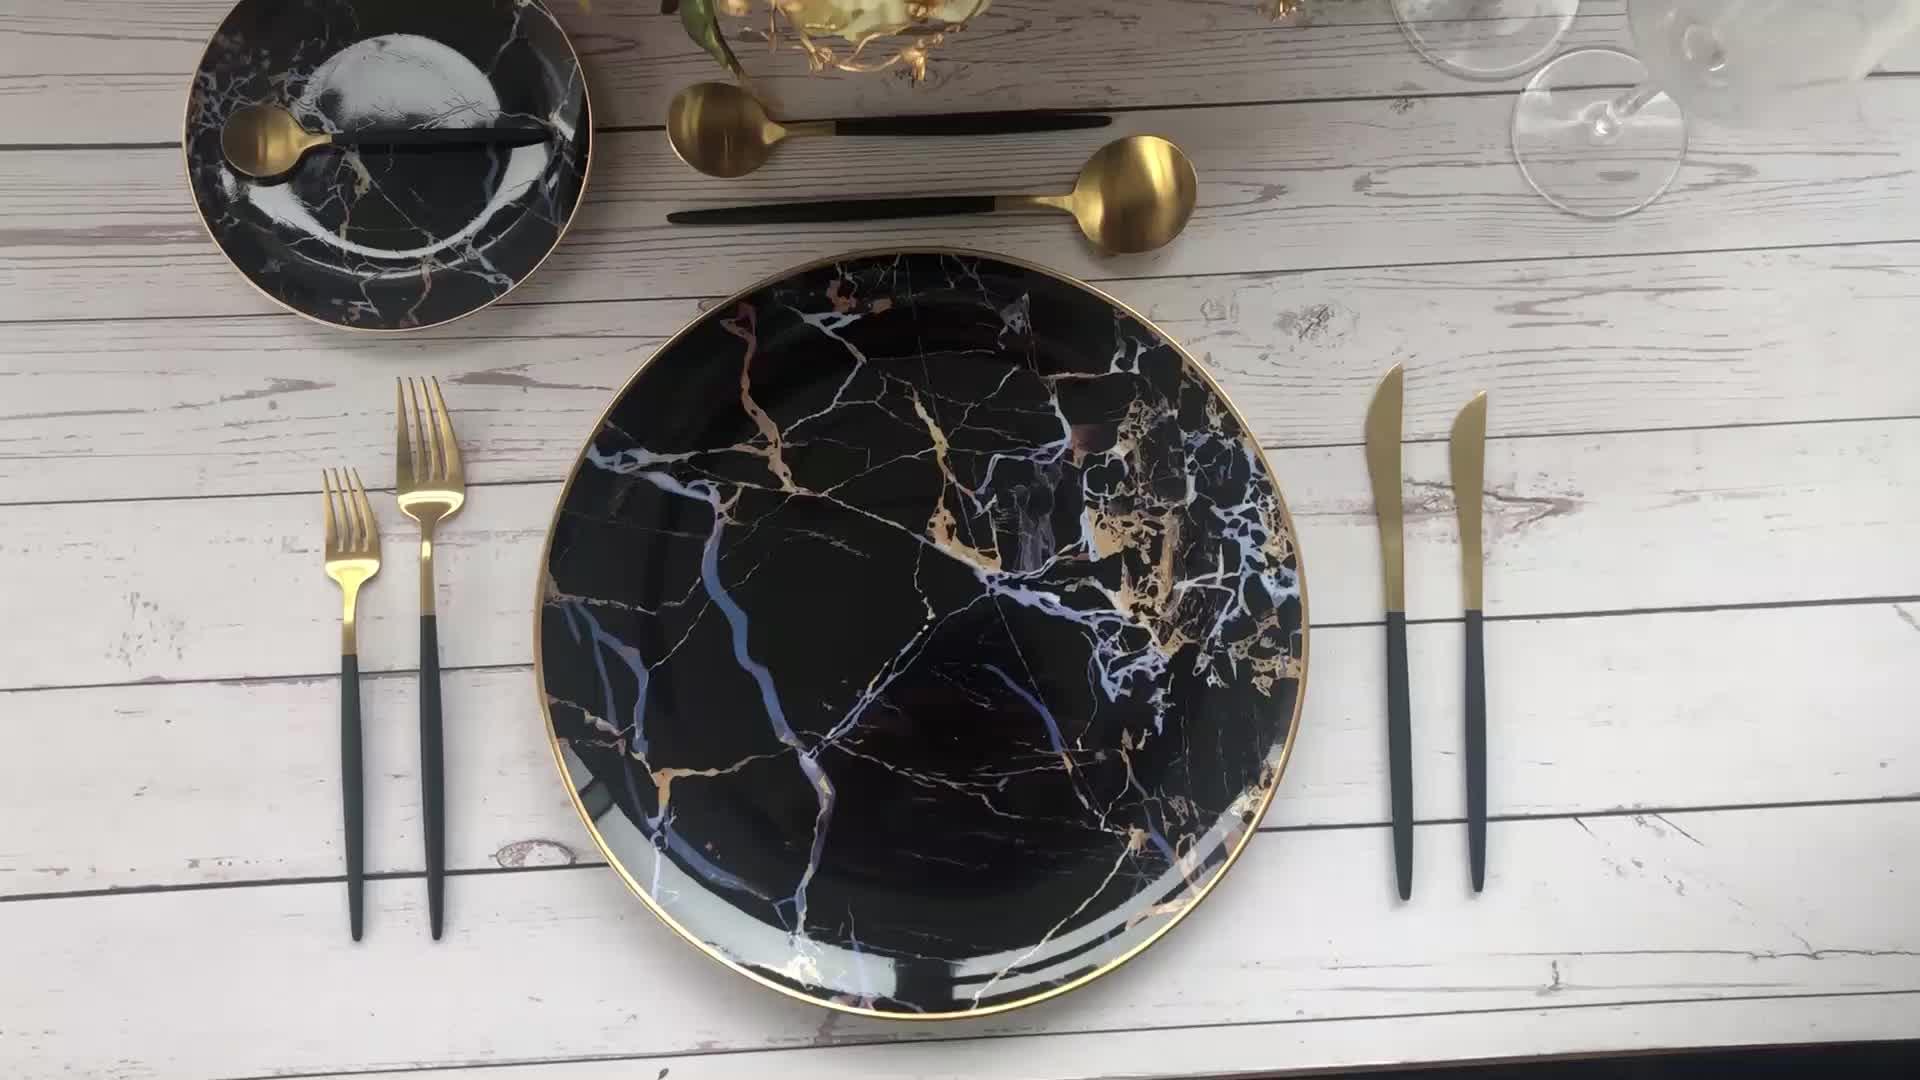 """10.5 """"सुरुचिपूर्ण सिरेमिक खाने की थाली सोने थोक होटल भोजन के लिए व्यंजन-मेज के बर्तन"""